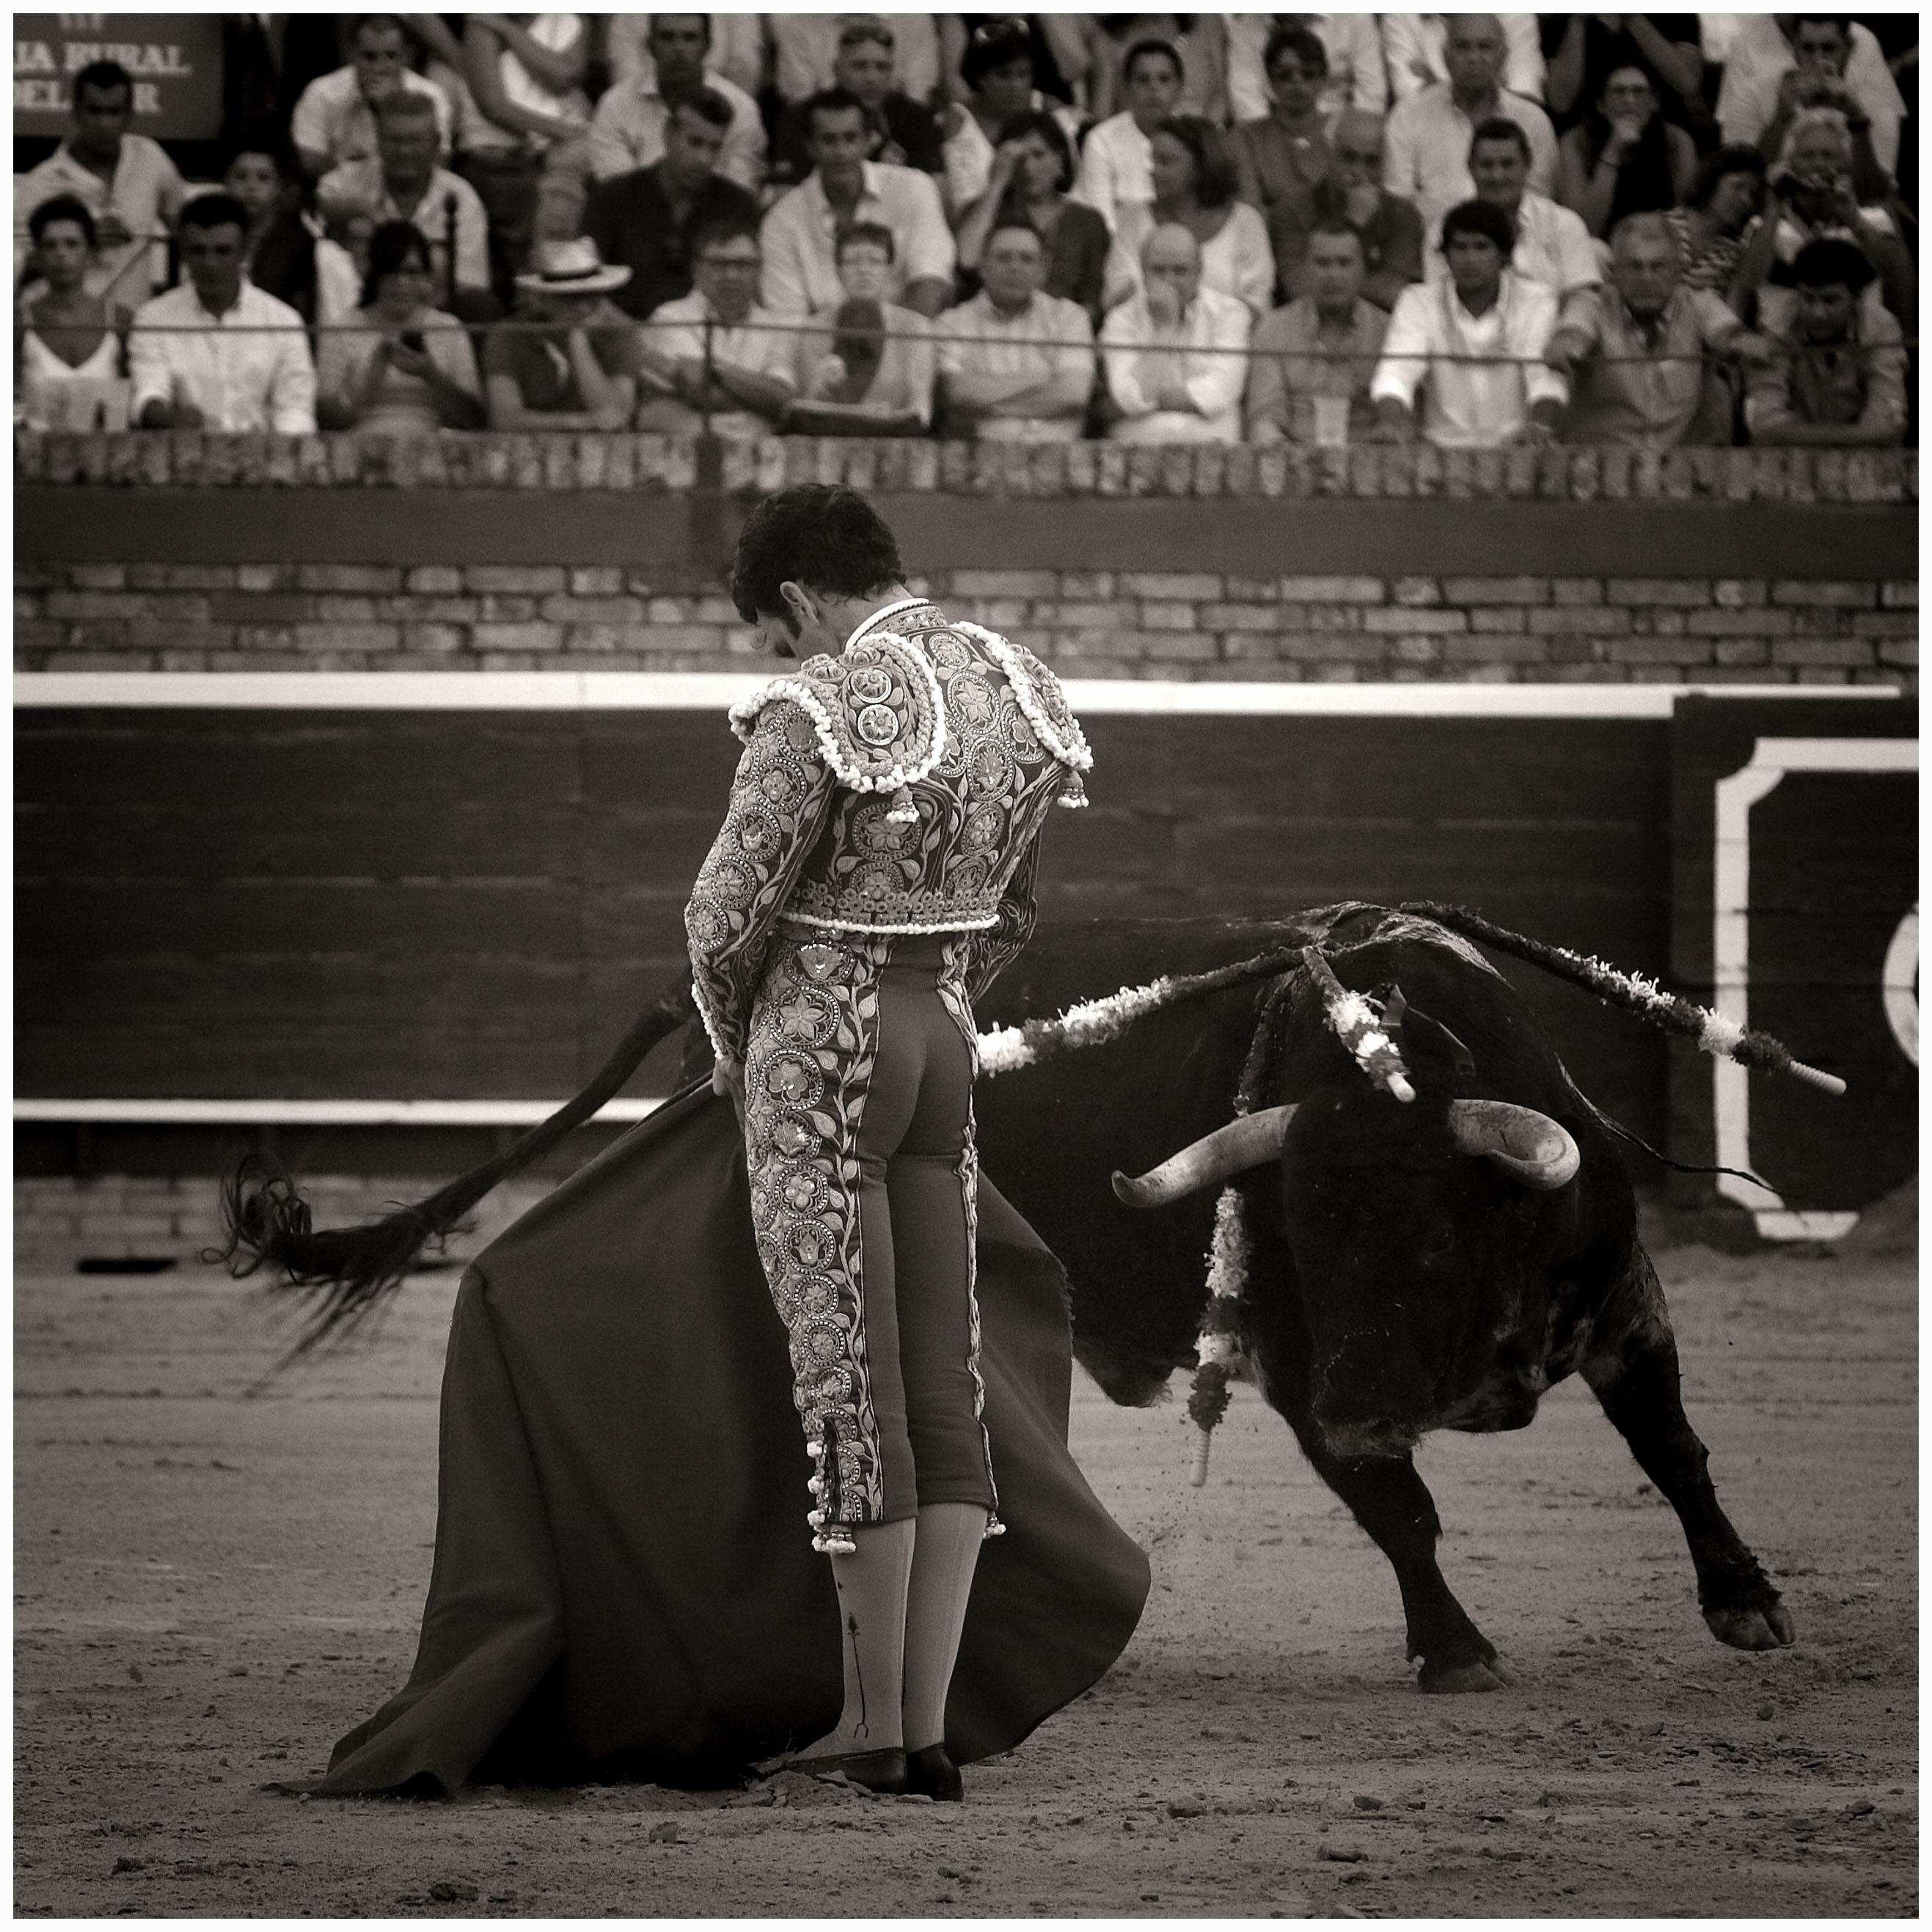 CRÓNICA FOTOGRÁFICA del festejo de Huelva